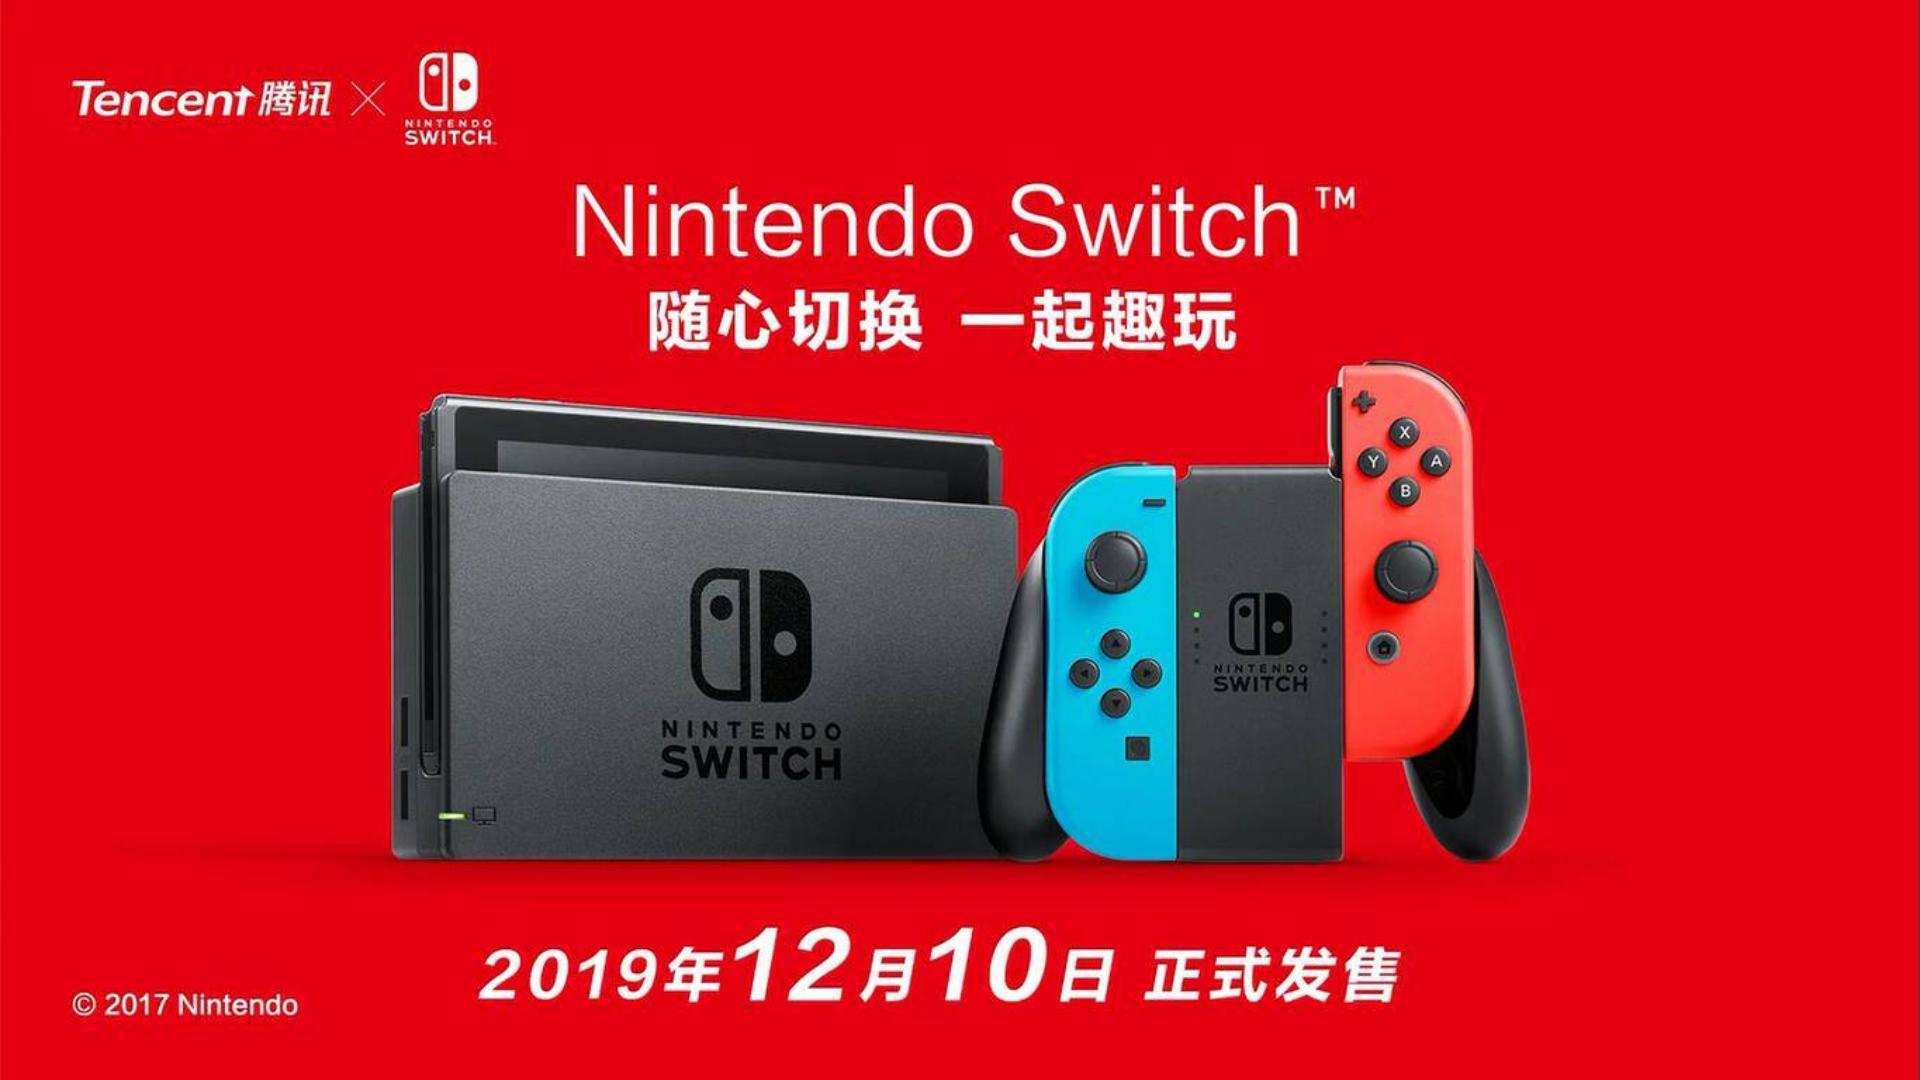 国行Nintendo Switch上市官方宣传片